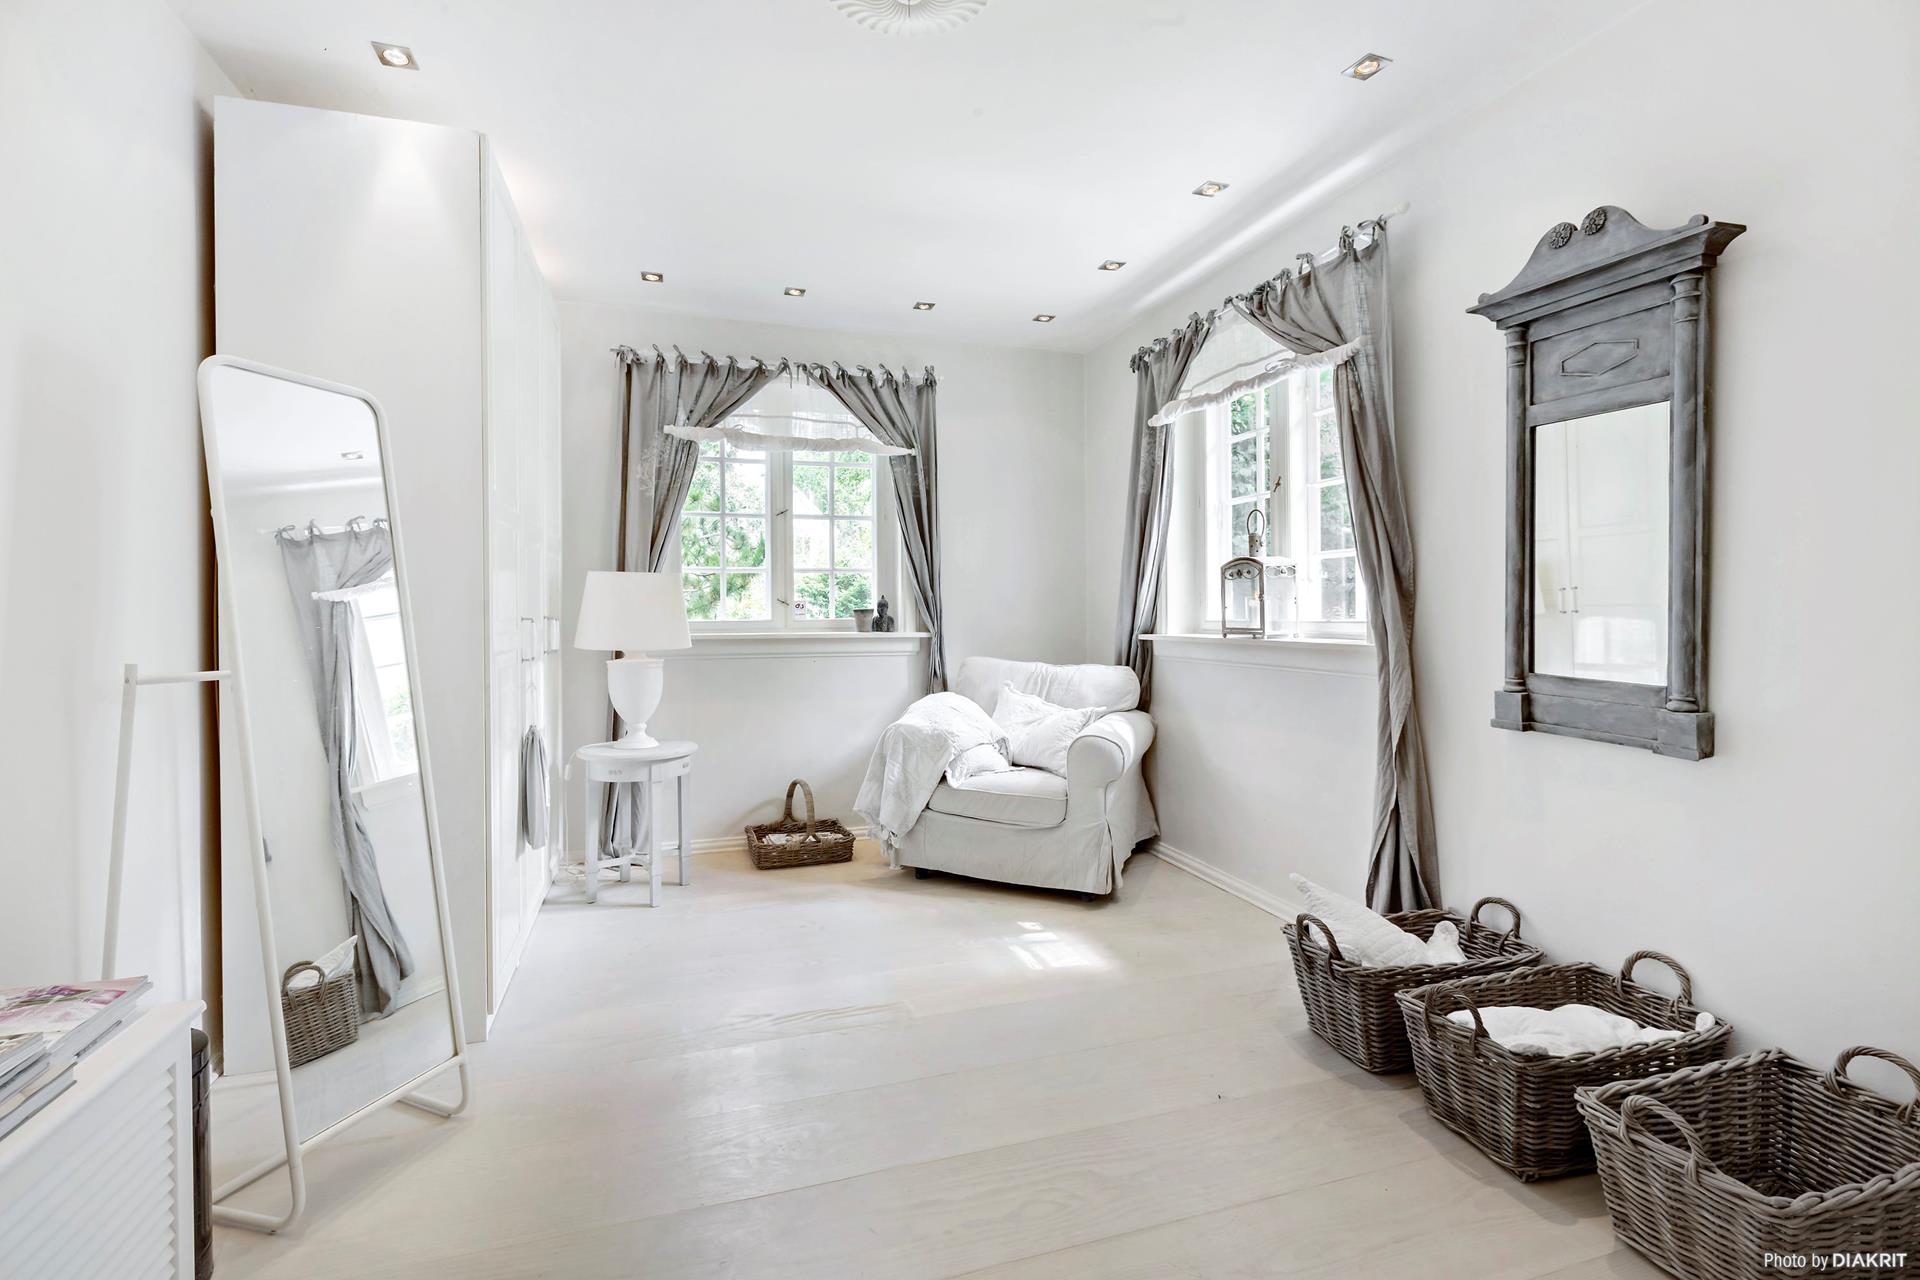 комната окно шторы корзины напольное зеркало кресло столик лампа